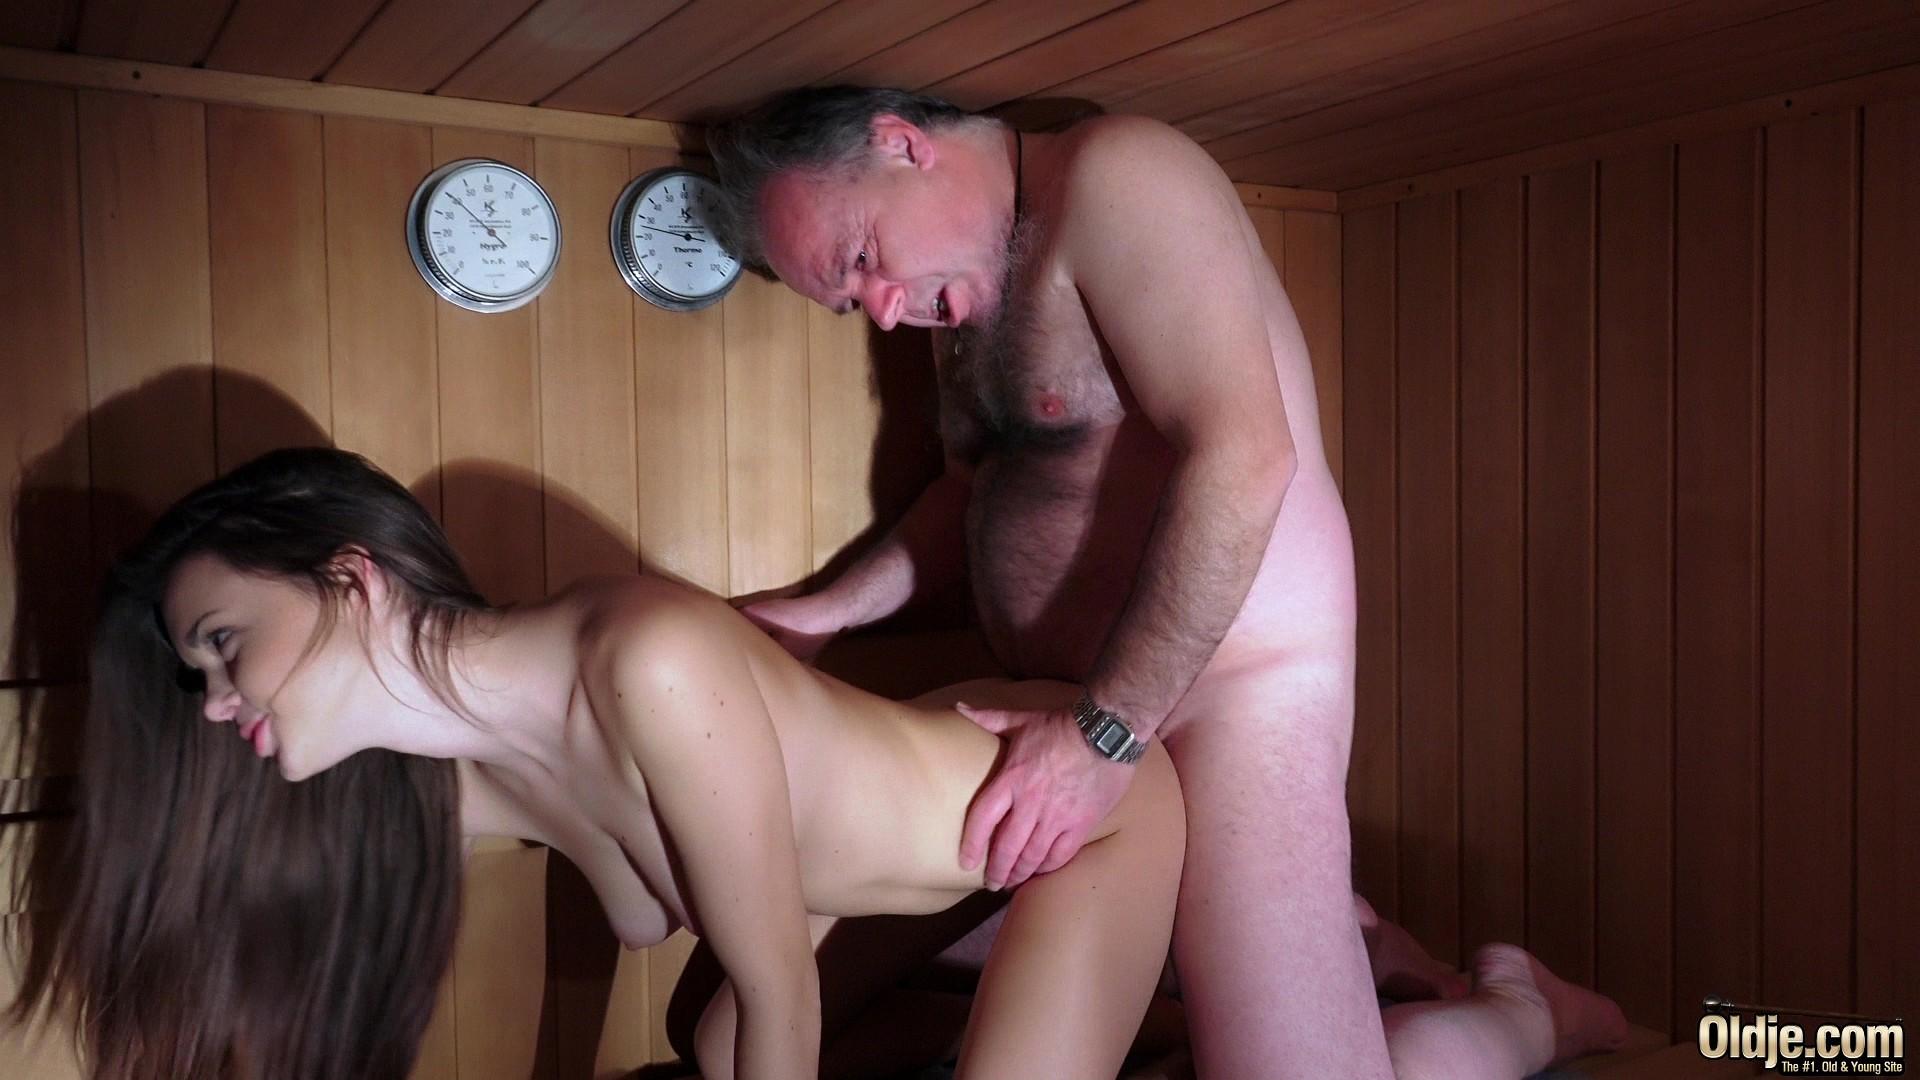 Трахают проституток в бане на порно, В сауне порно, смотреть секс в Сауне видео бесплатно 12 фотография